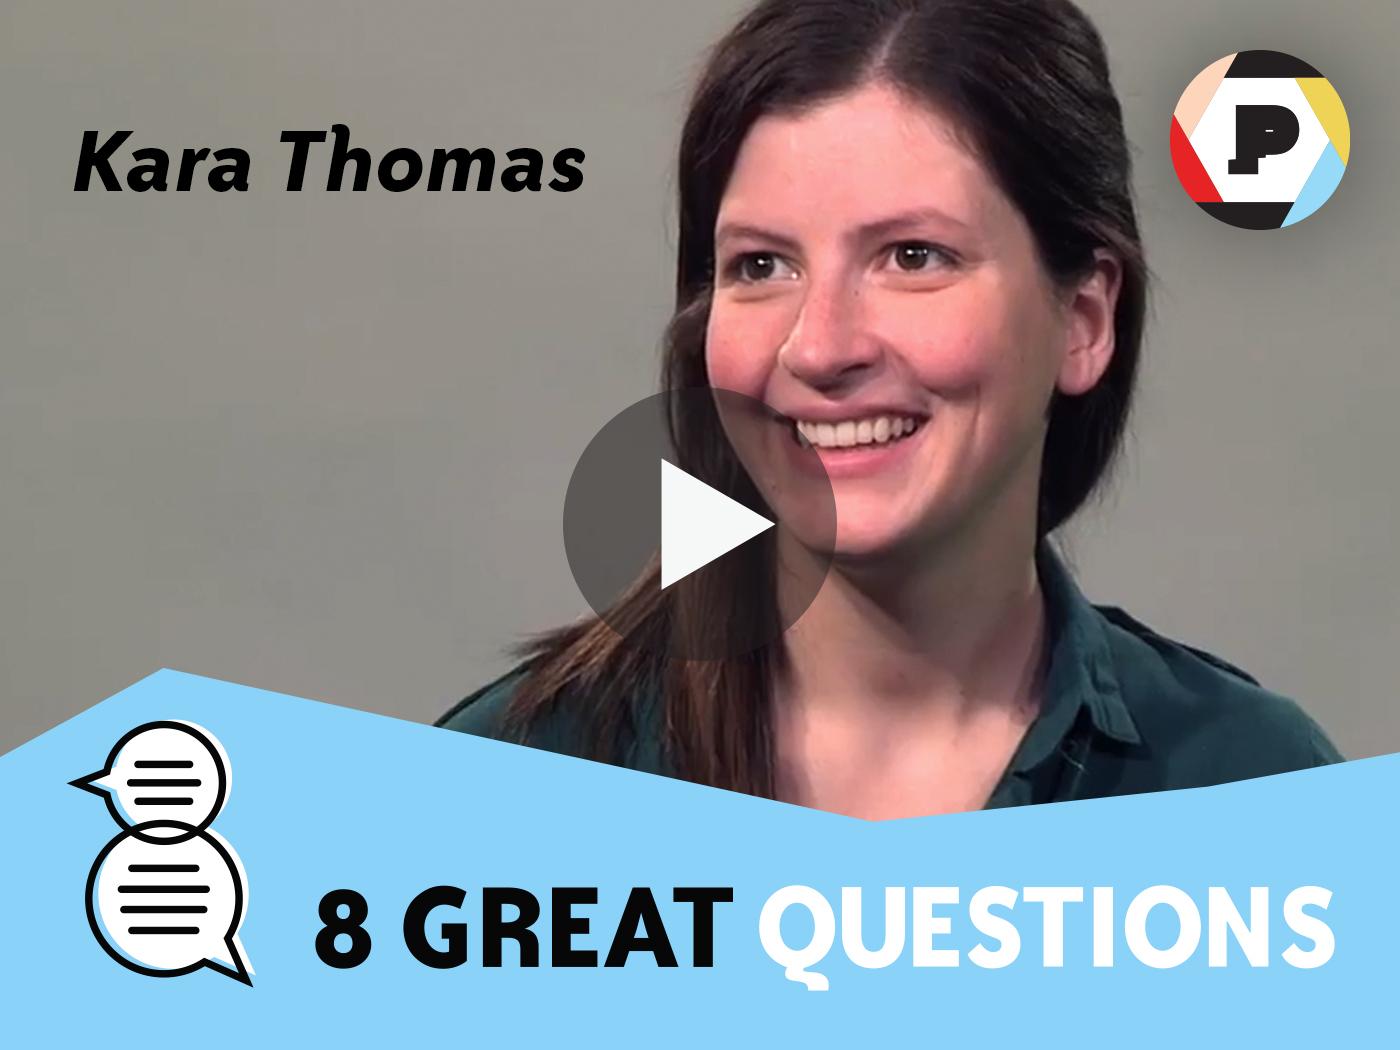 Kara Thomas, 8 Great Questions